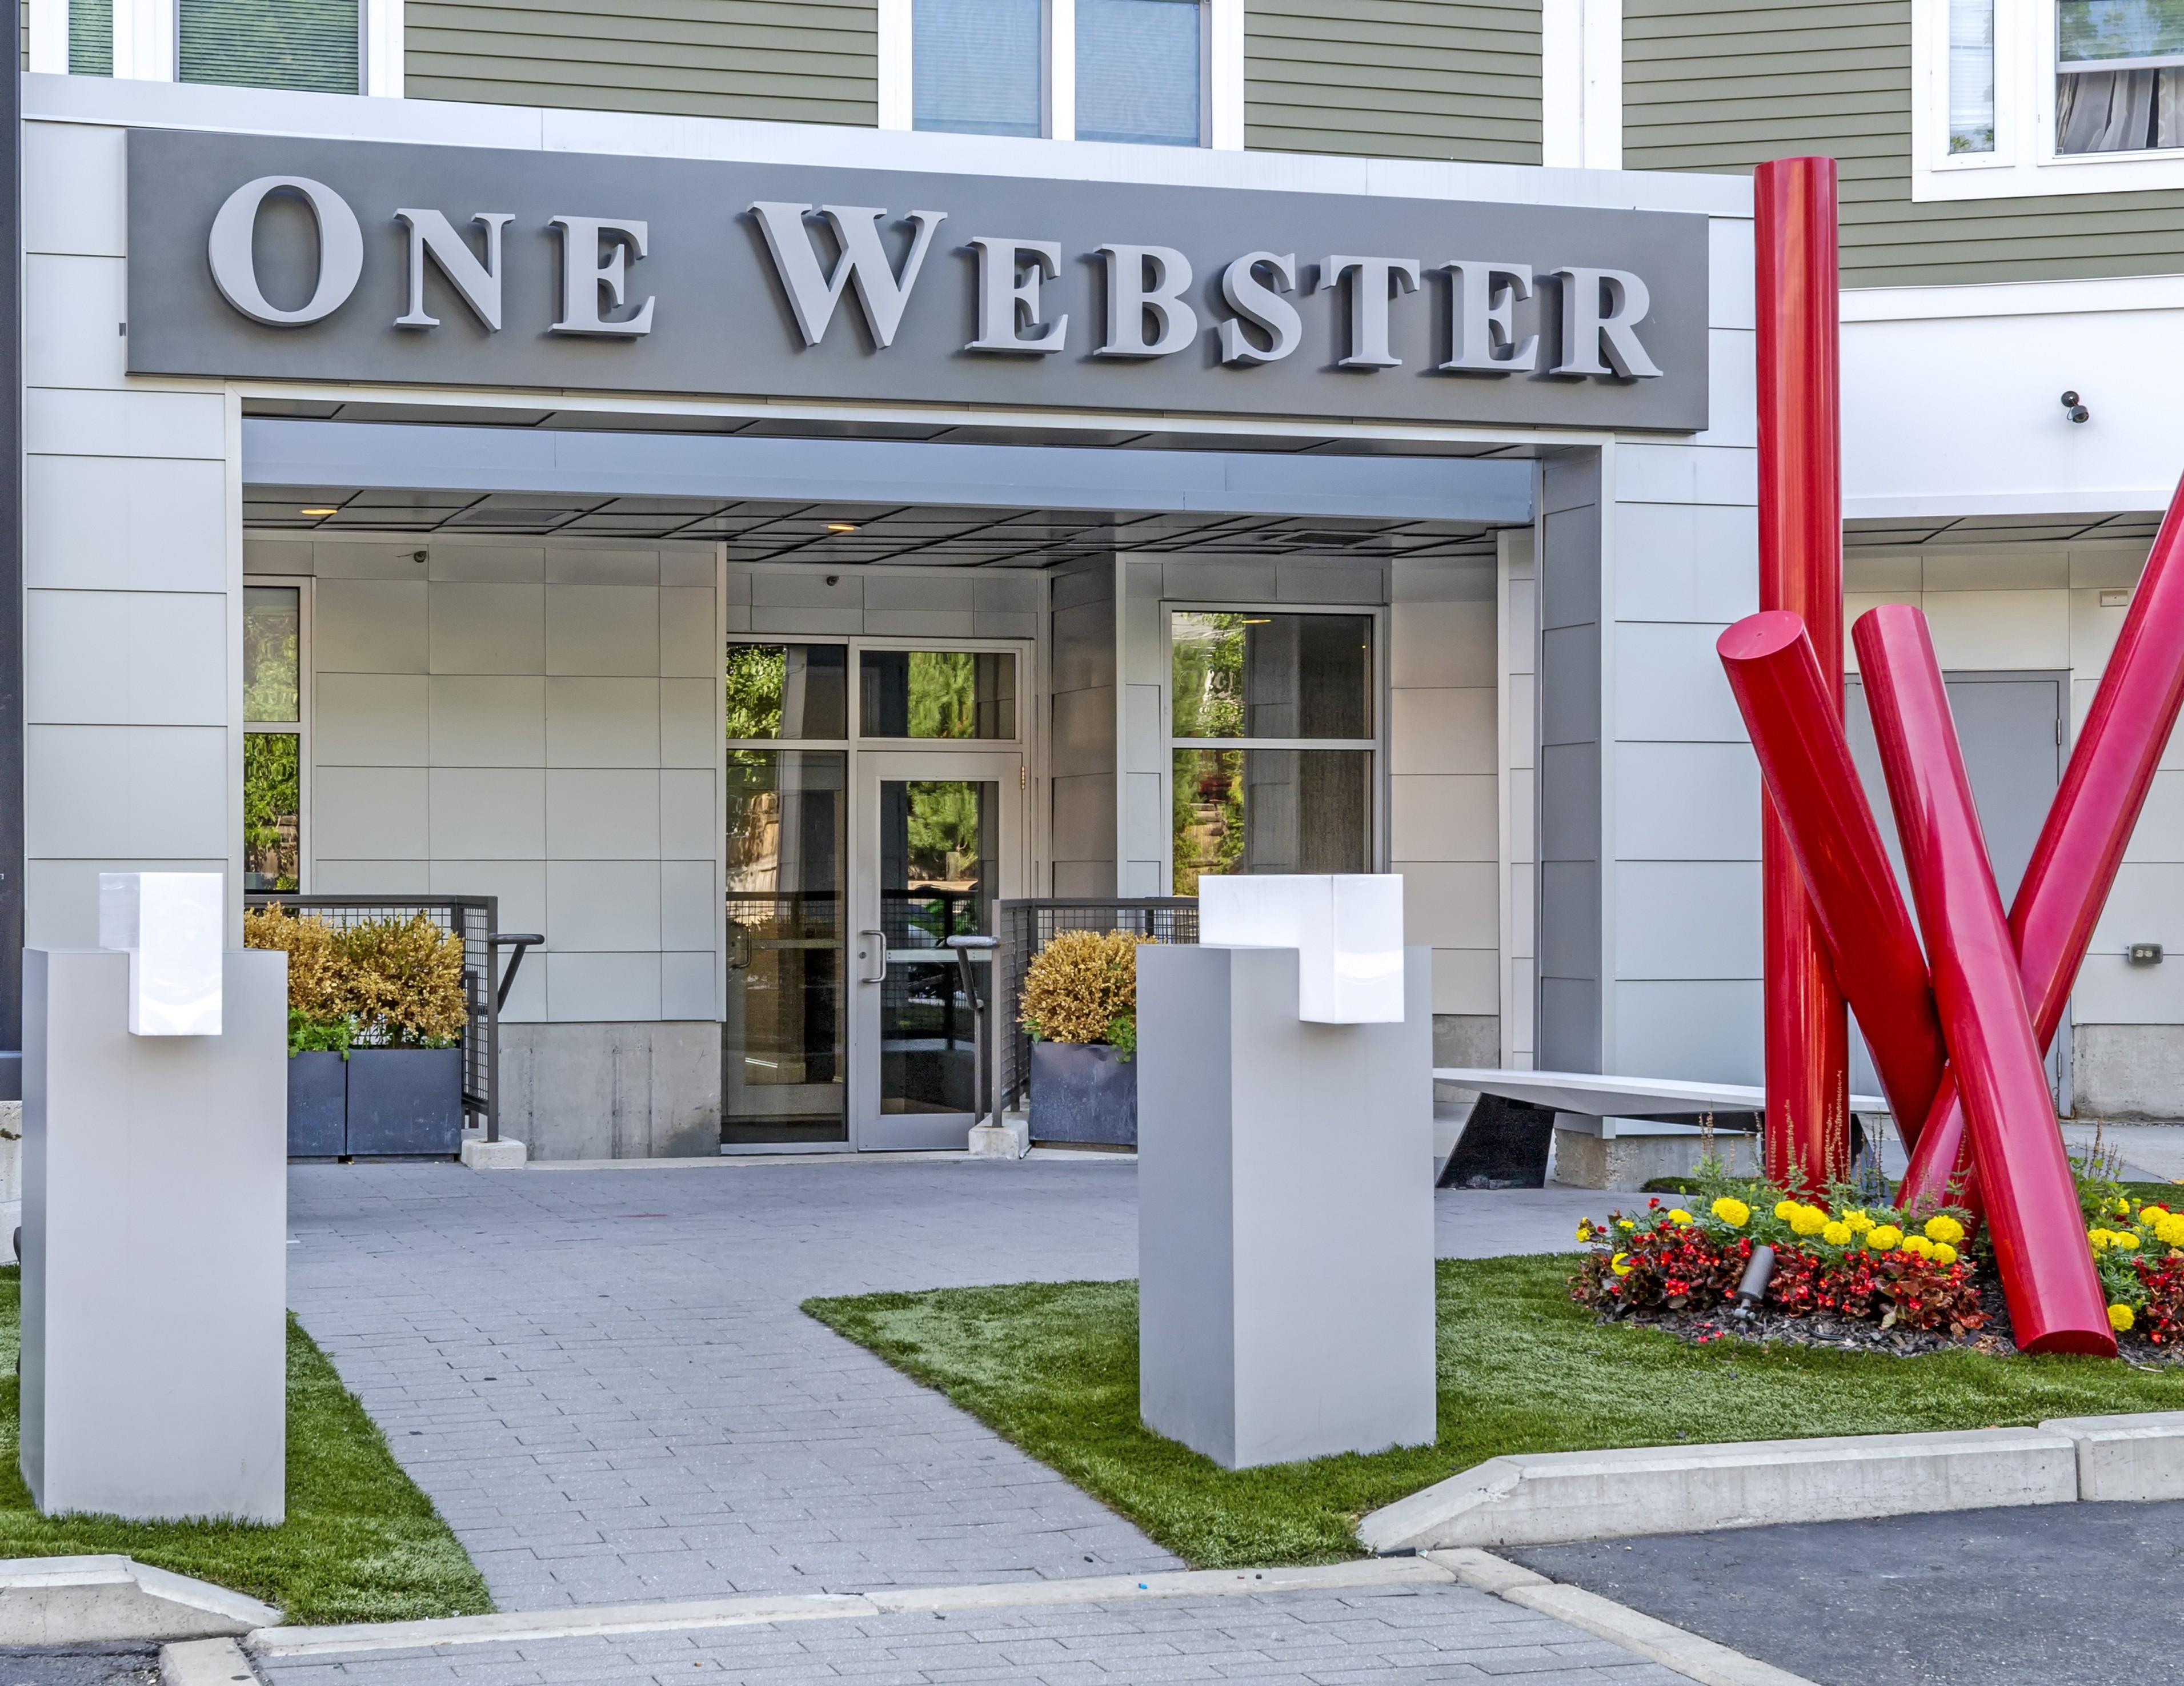 One Webster